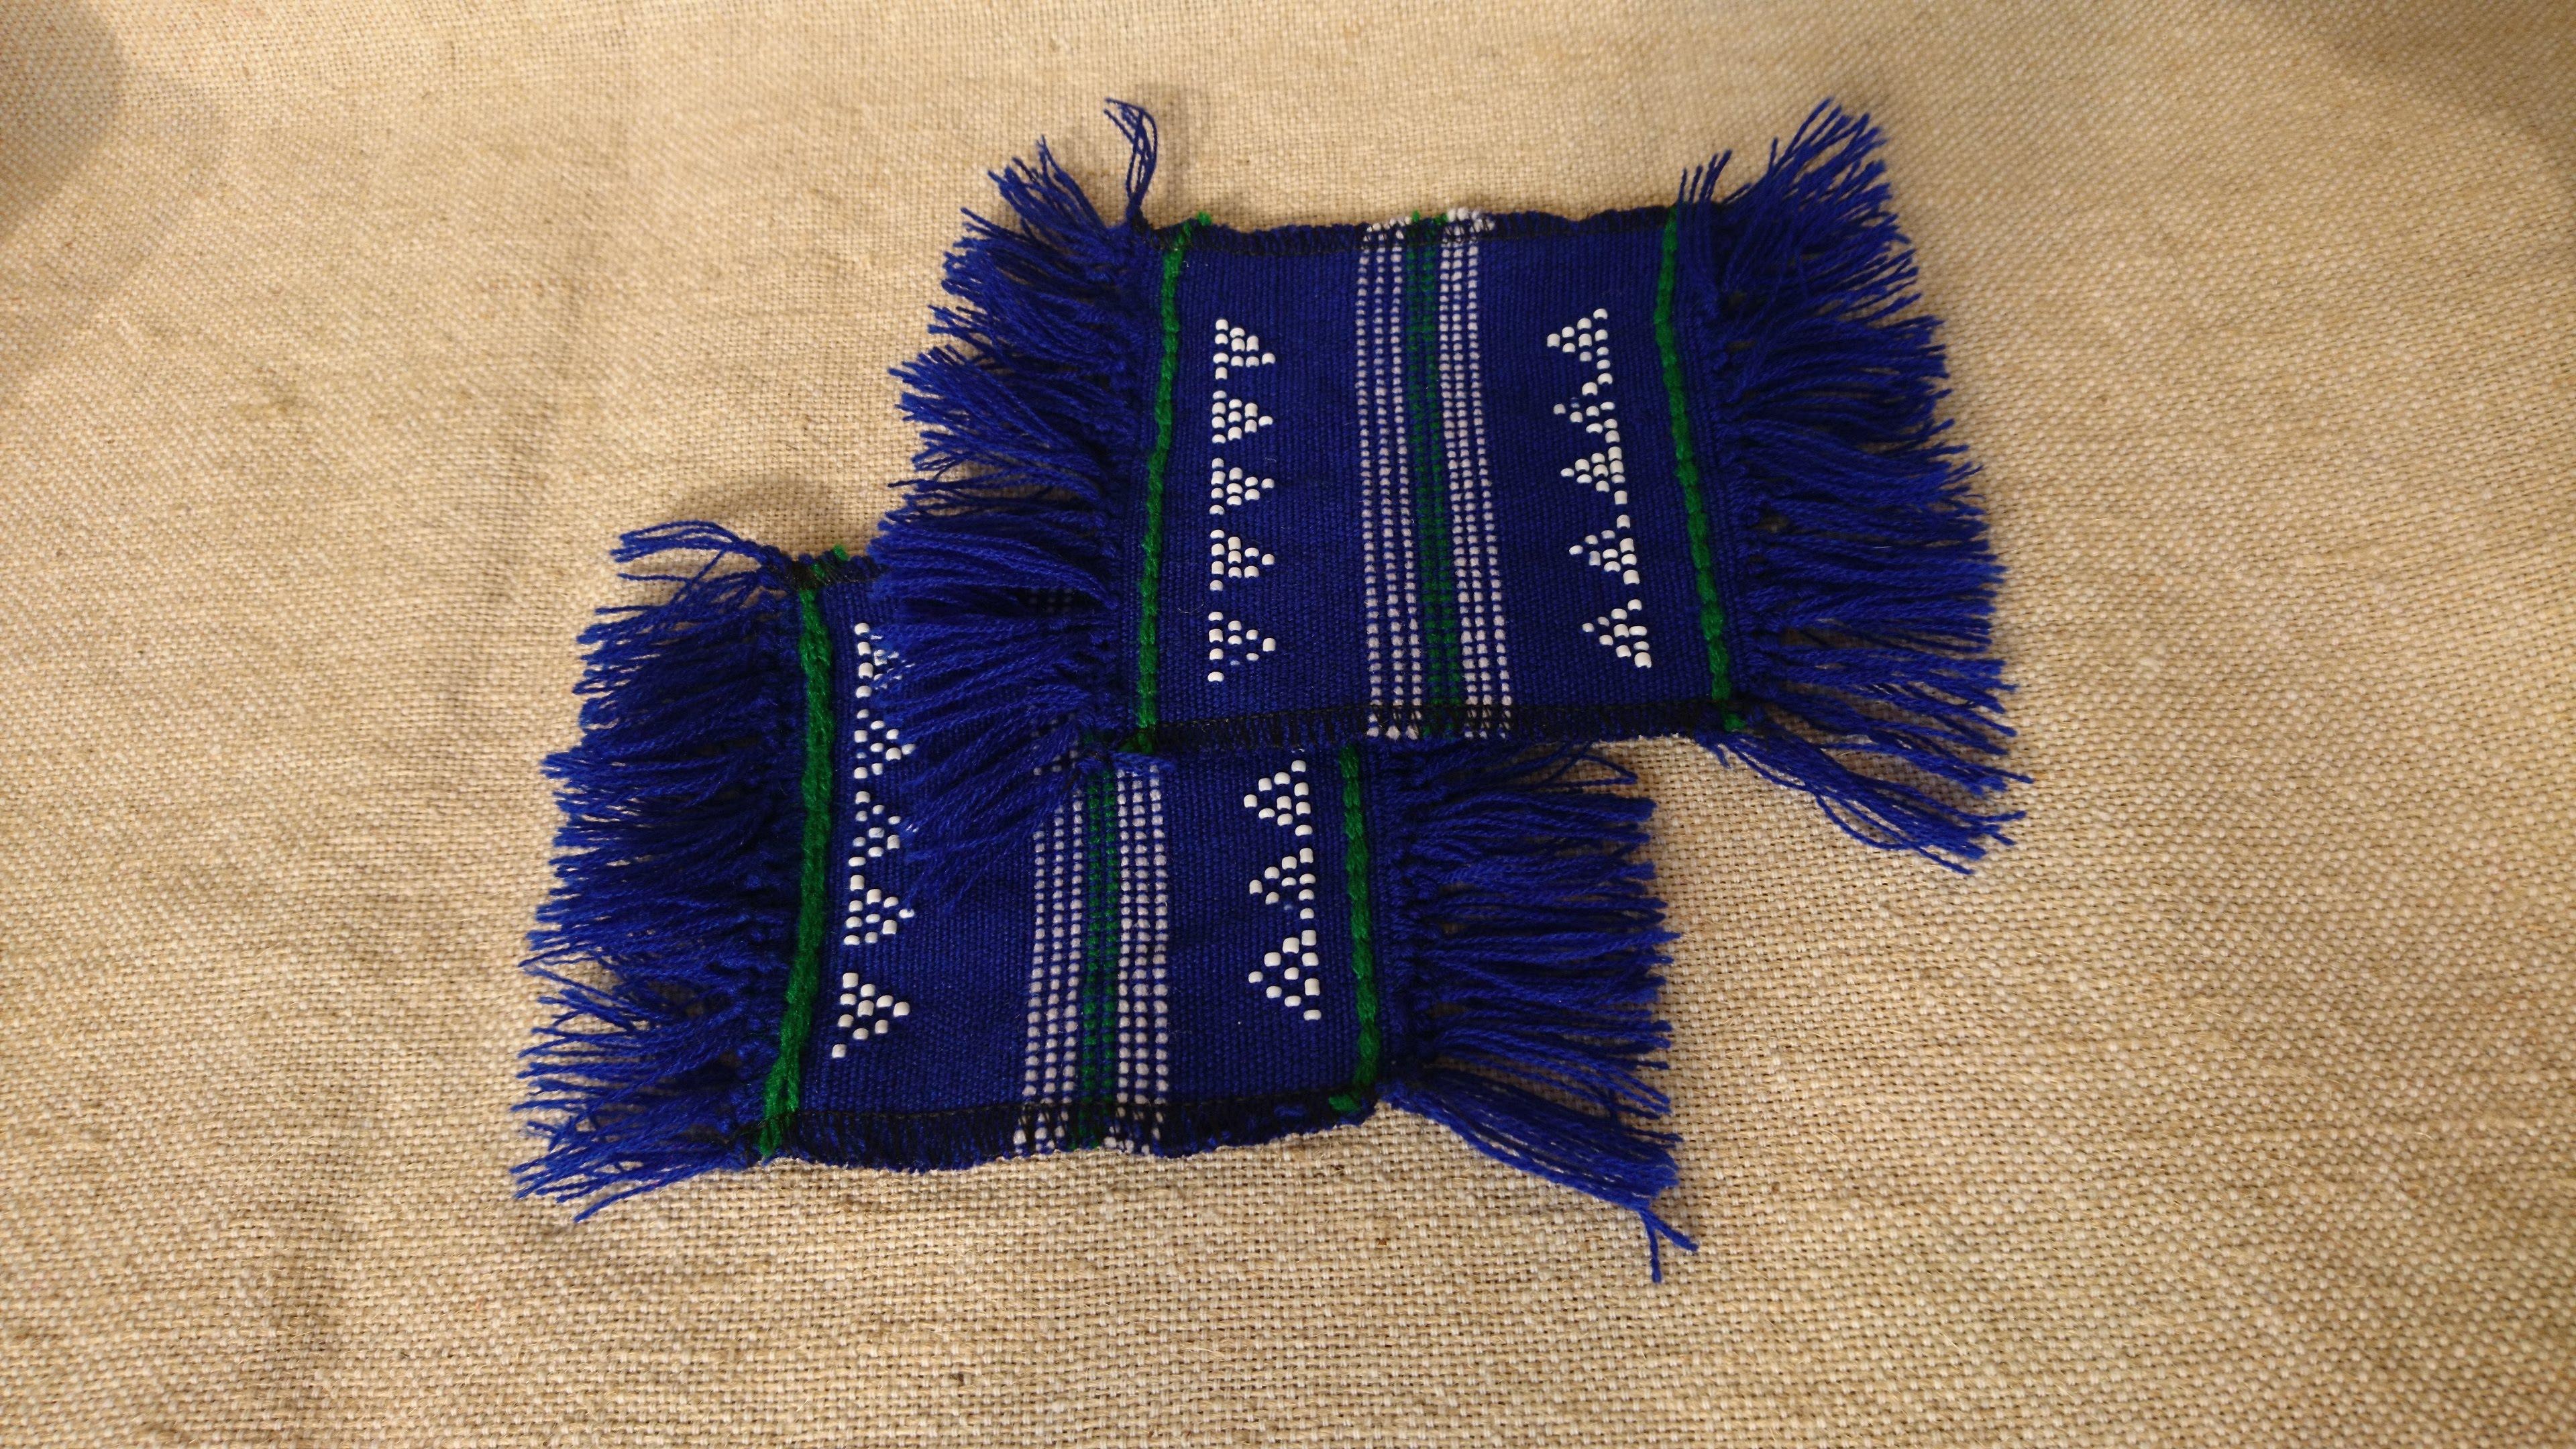 ターオイ族ビーズ入り手織り生地コースター(2枚組)